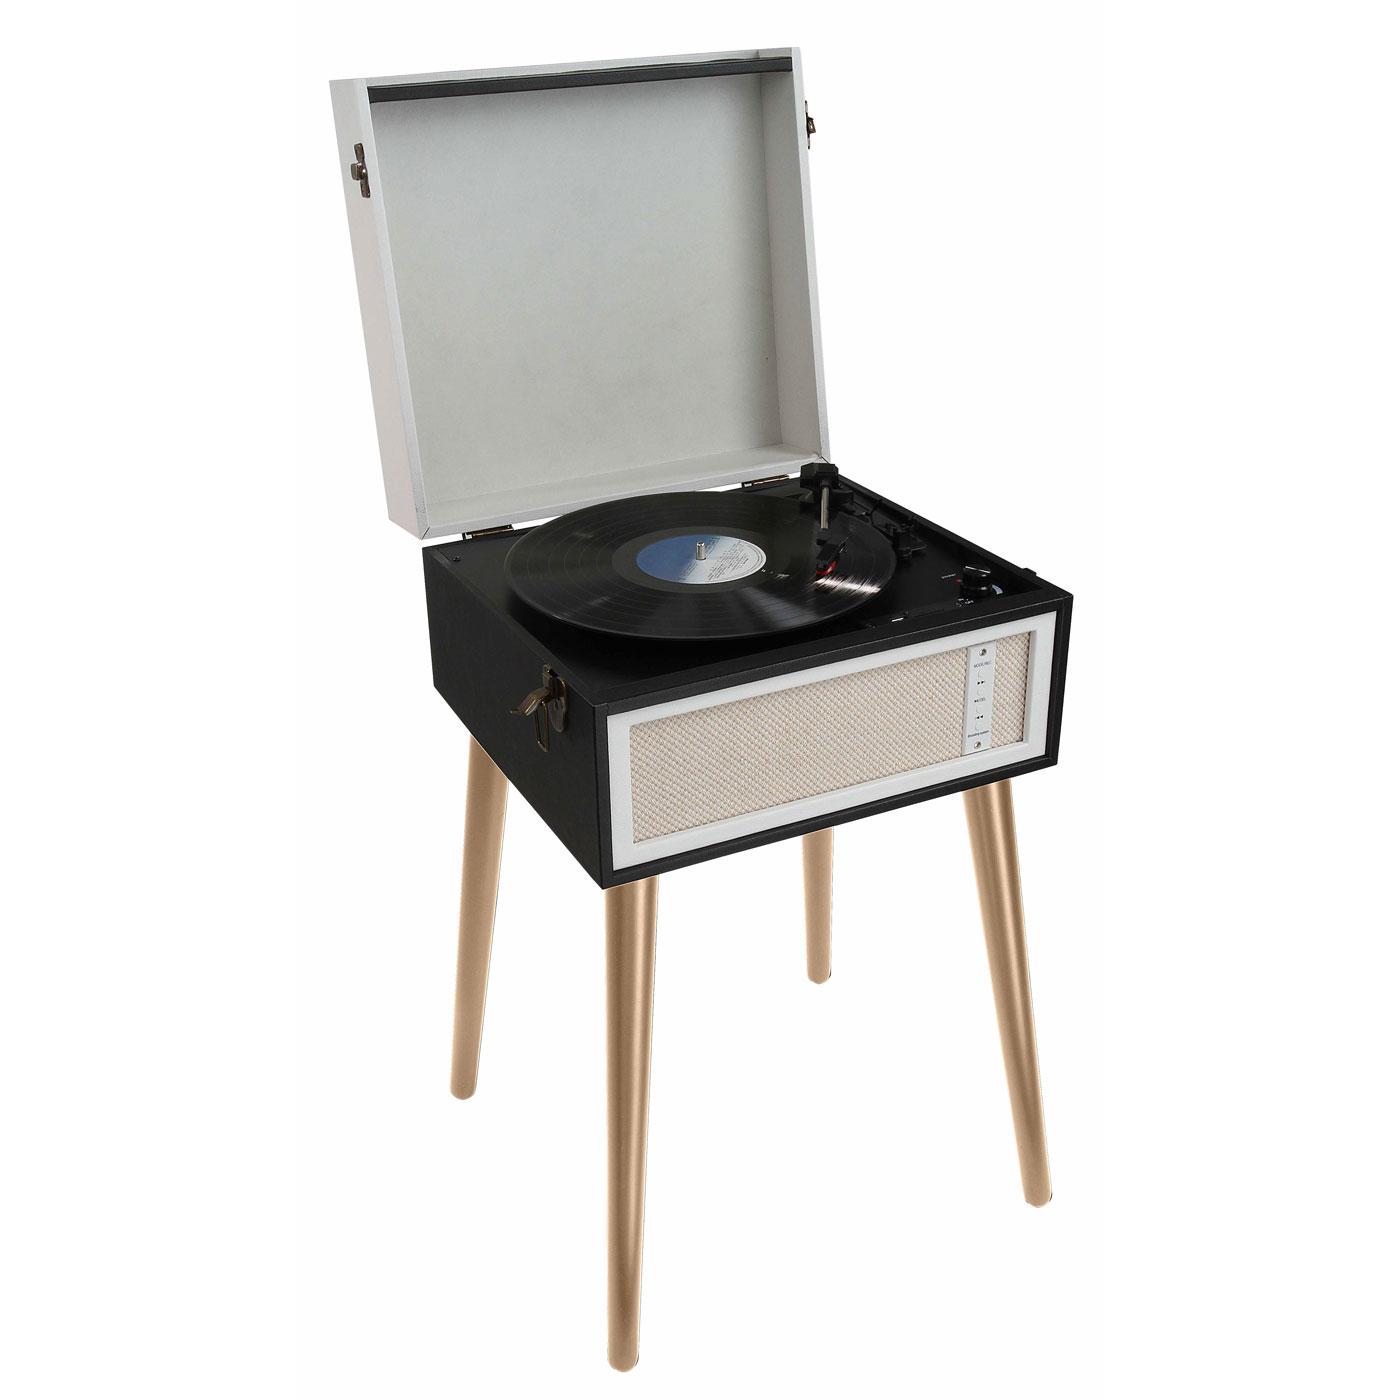 Platine vinyle ClipSonic TES190 Noir  Tourne-disque sur pieds avec Bluetooth AUX et encodage intégré